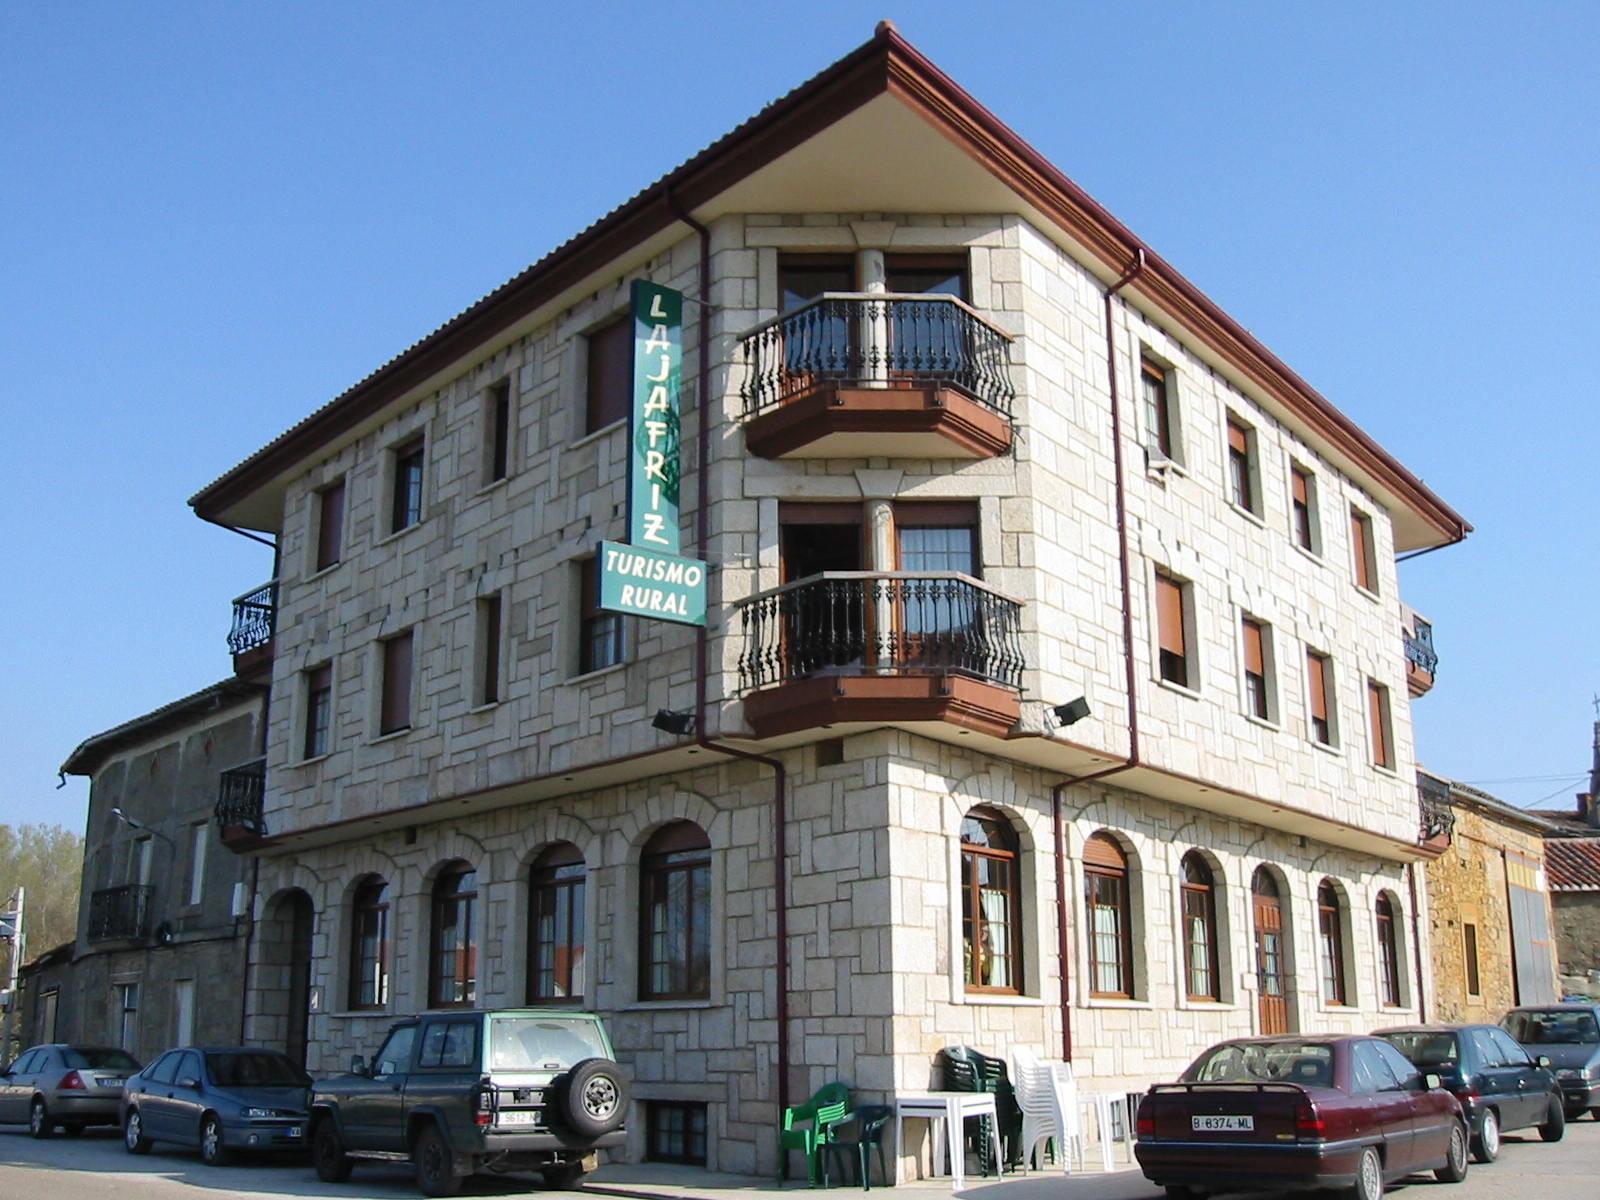 Centro de Turismo Rural Lajafriz